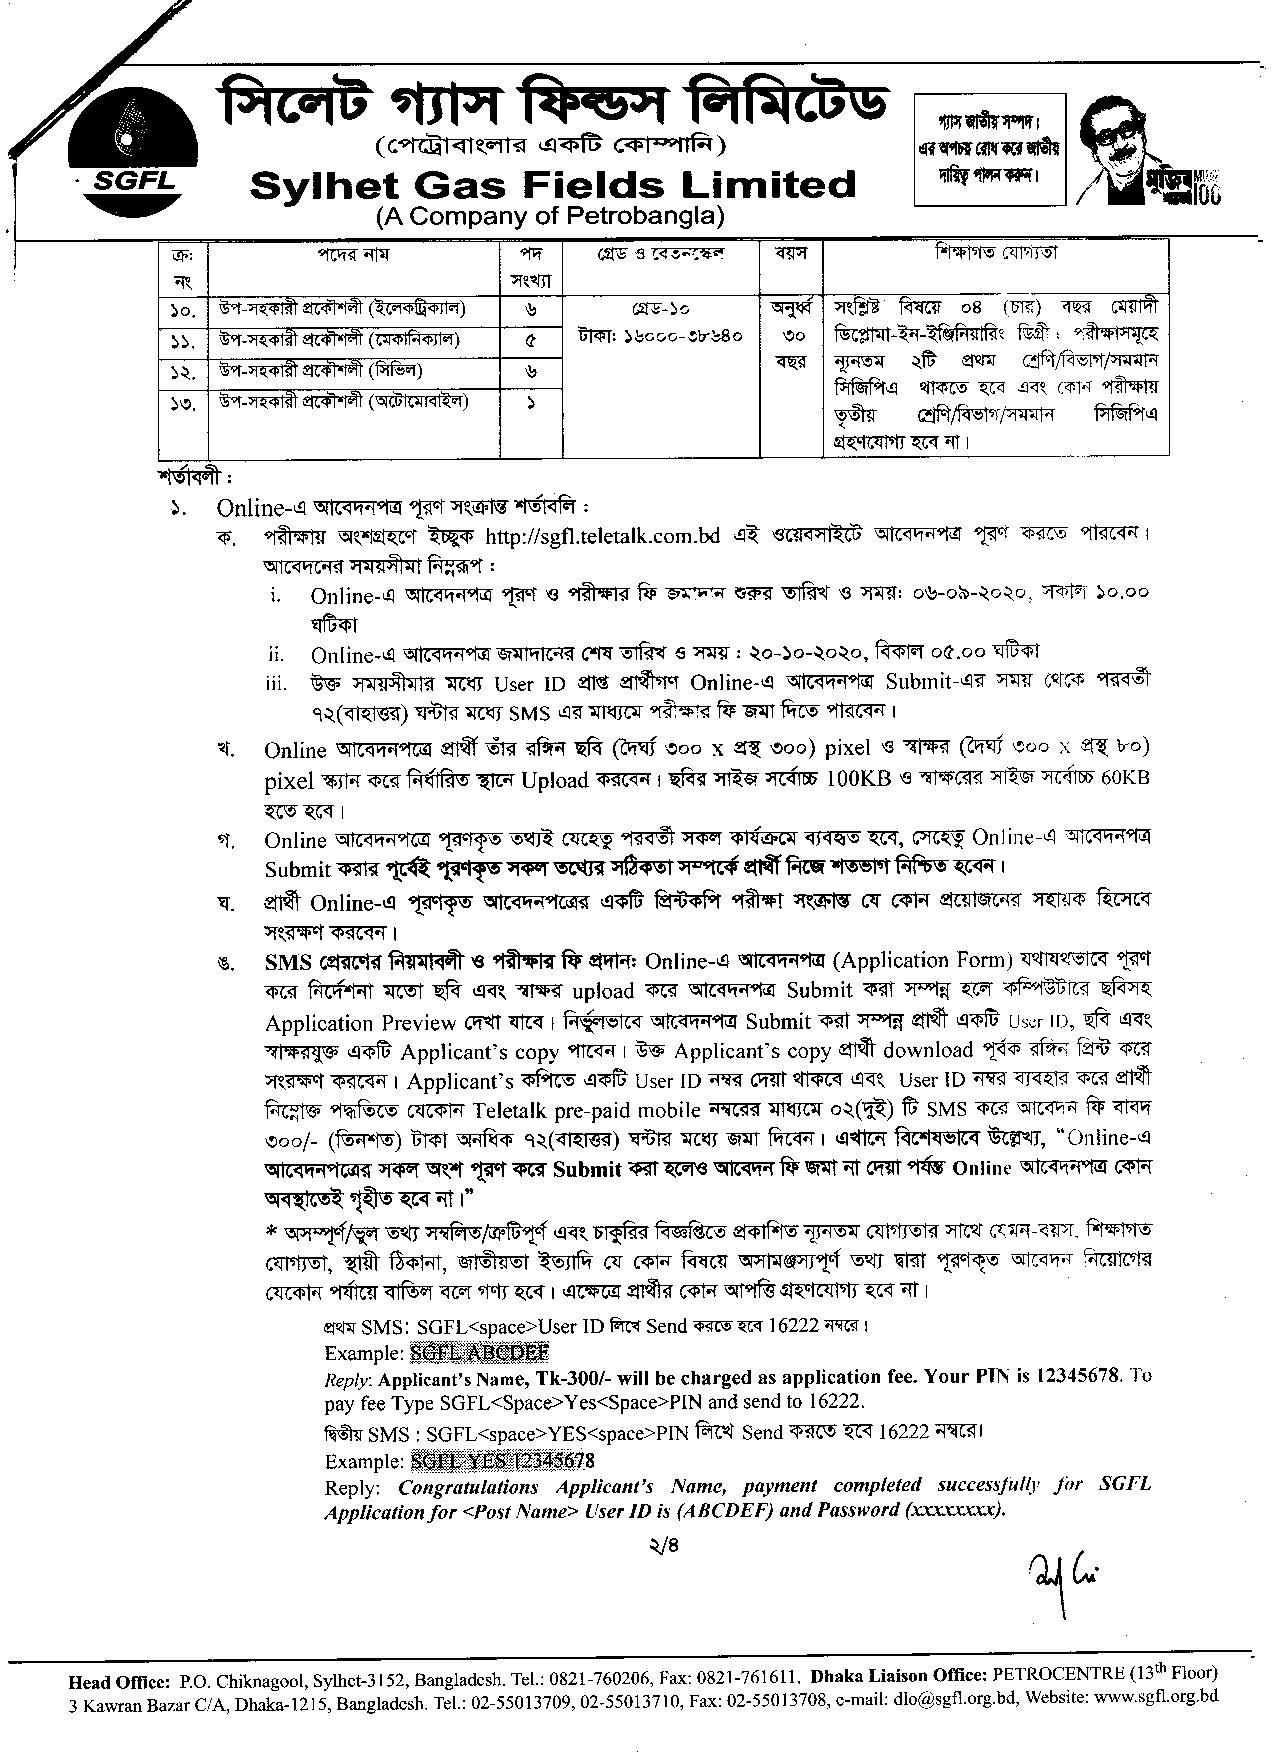 sylhet-Gass-fields-limited-2